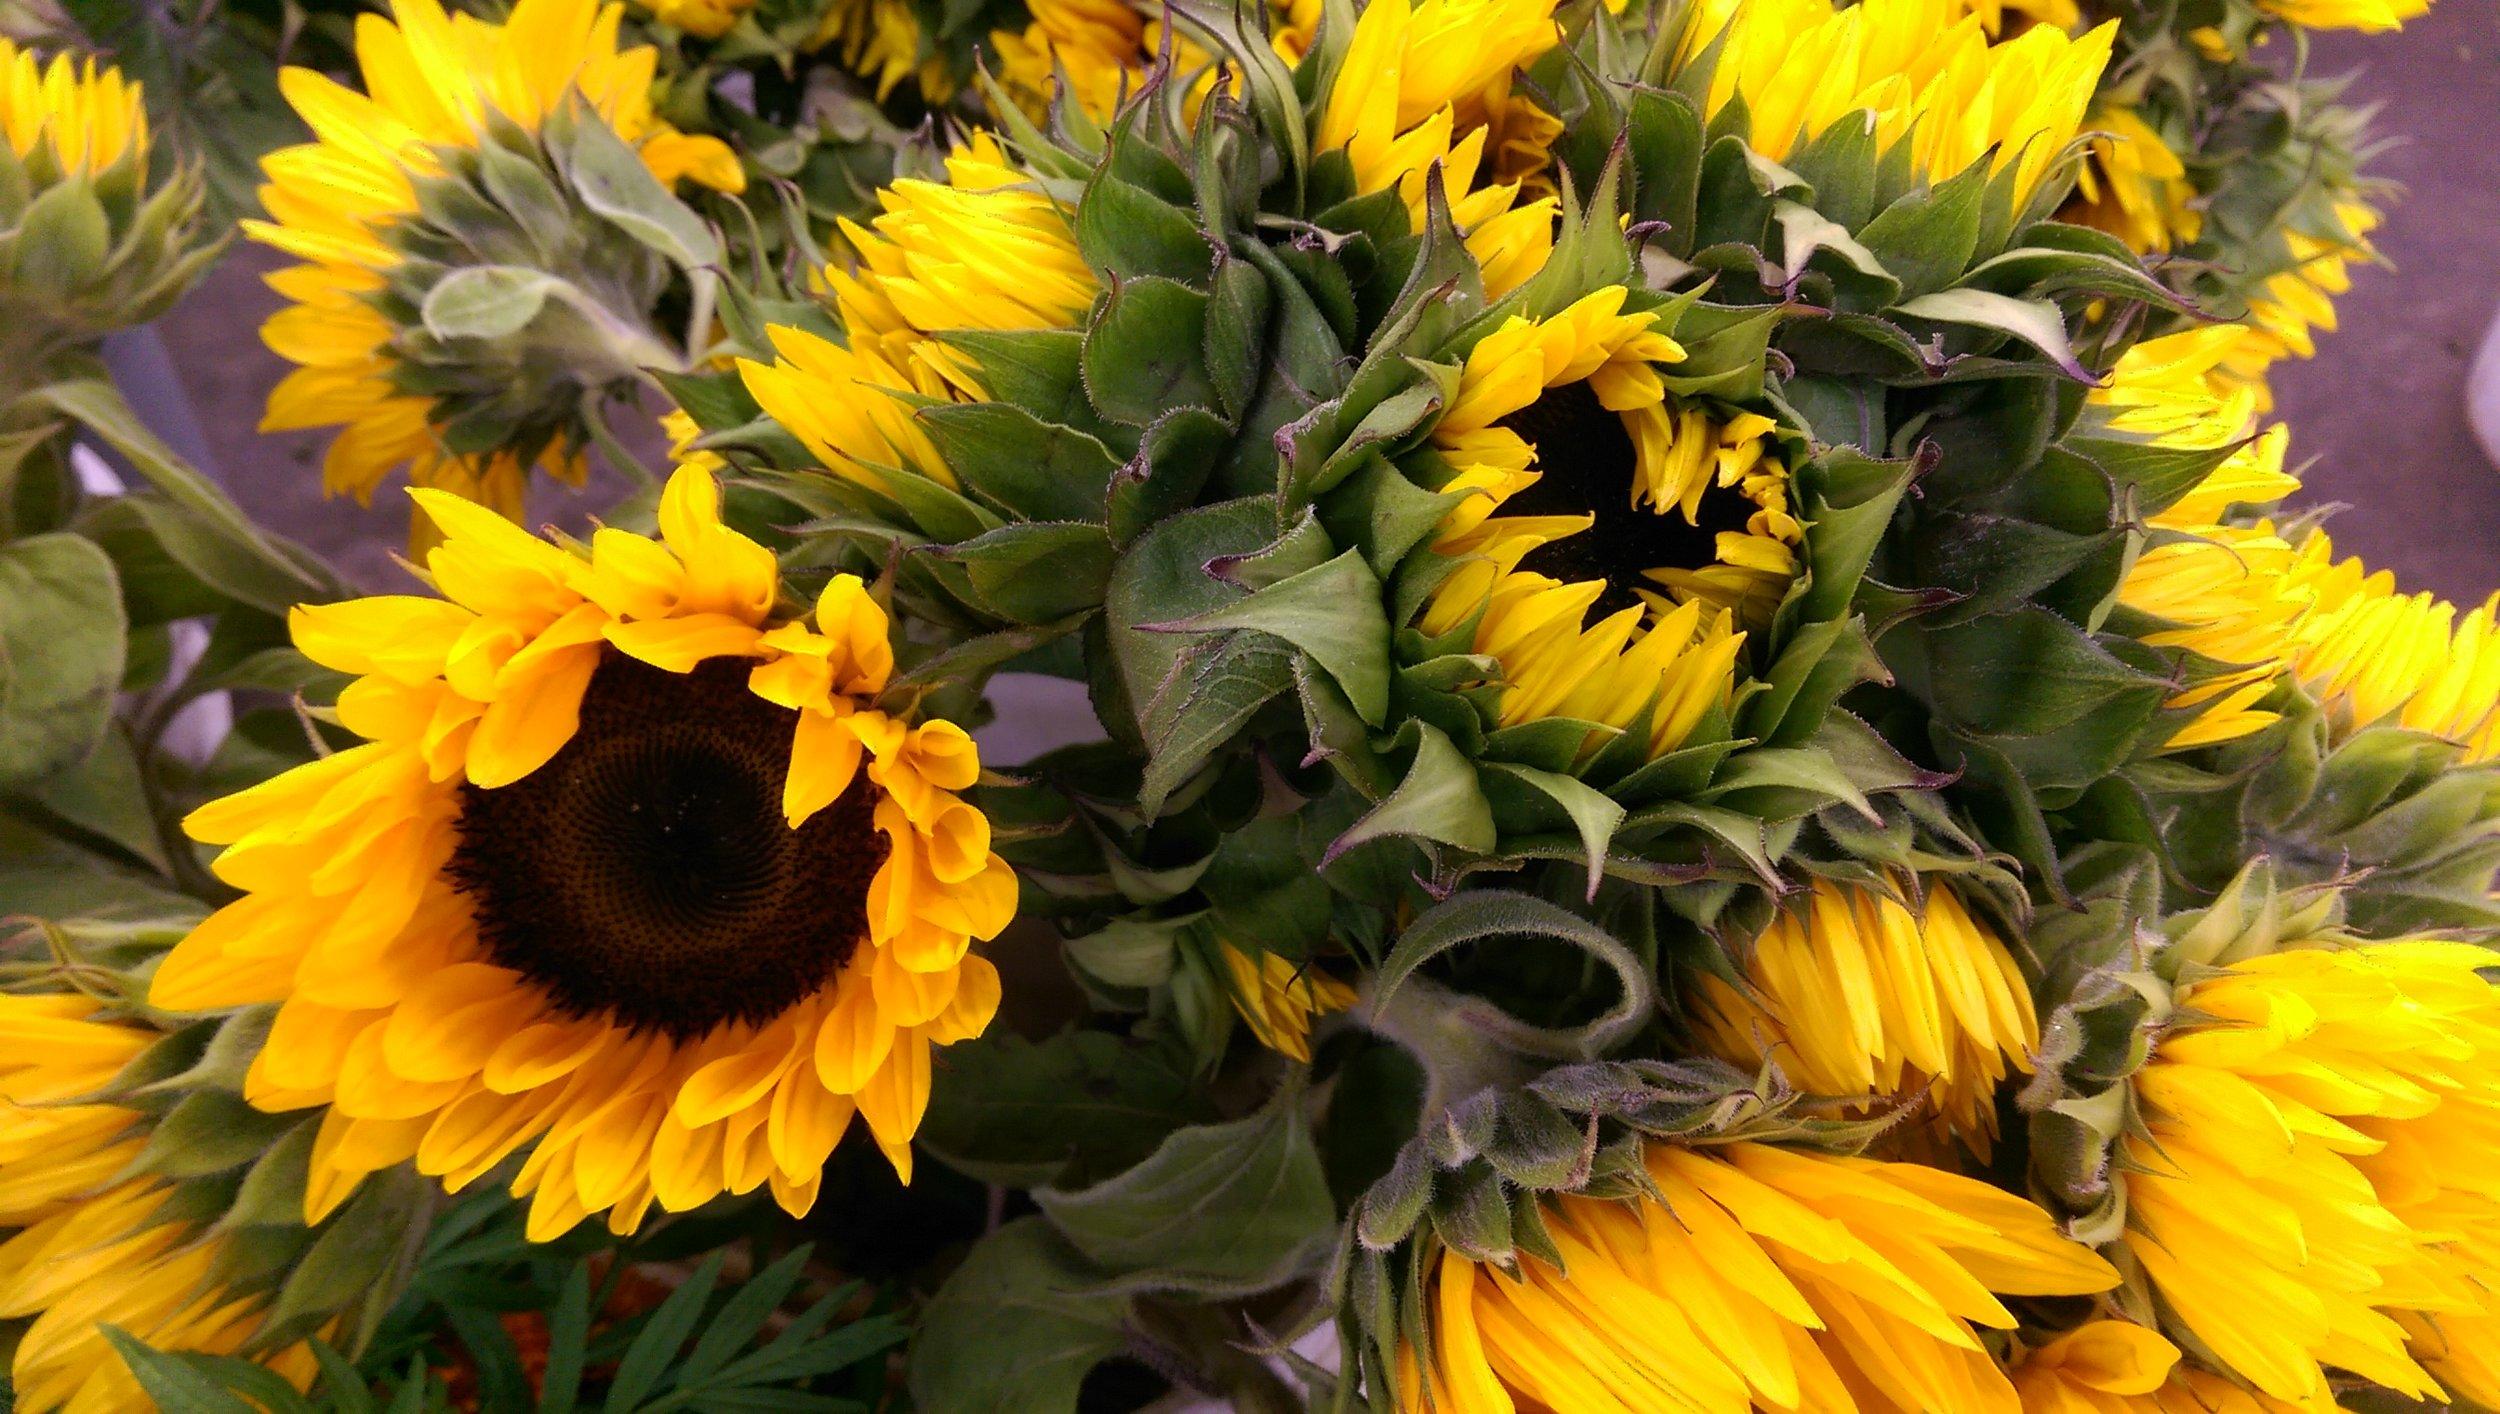 Sunflowers  Year round